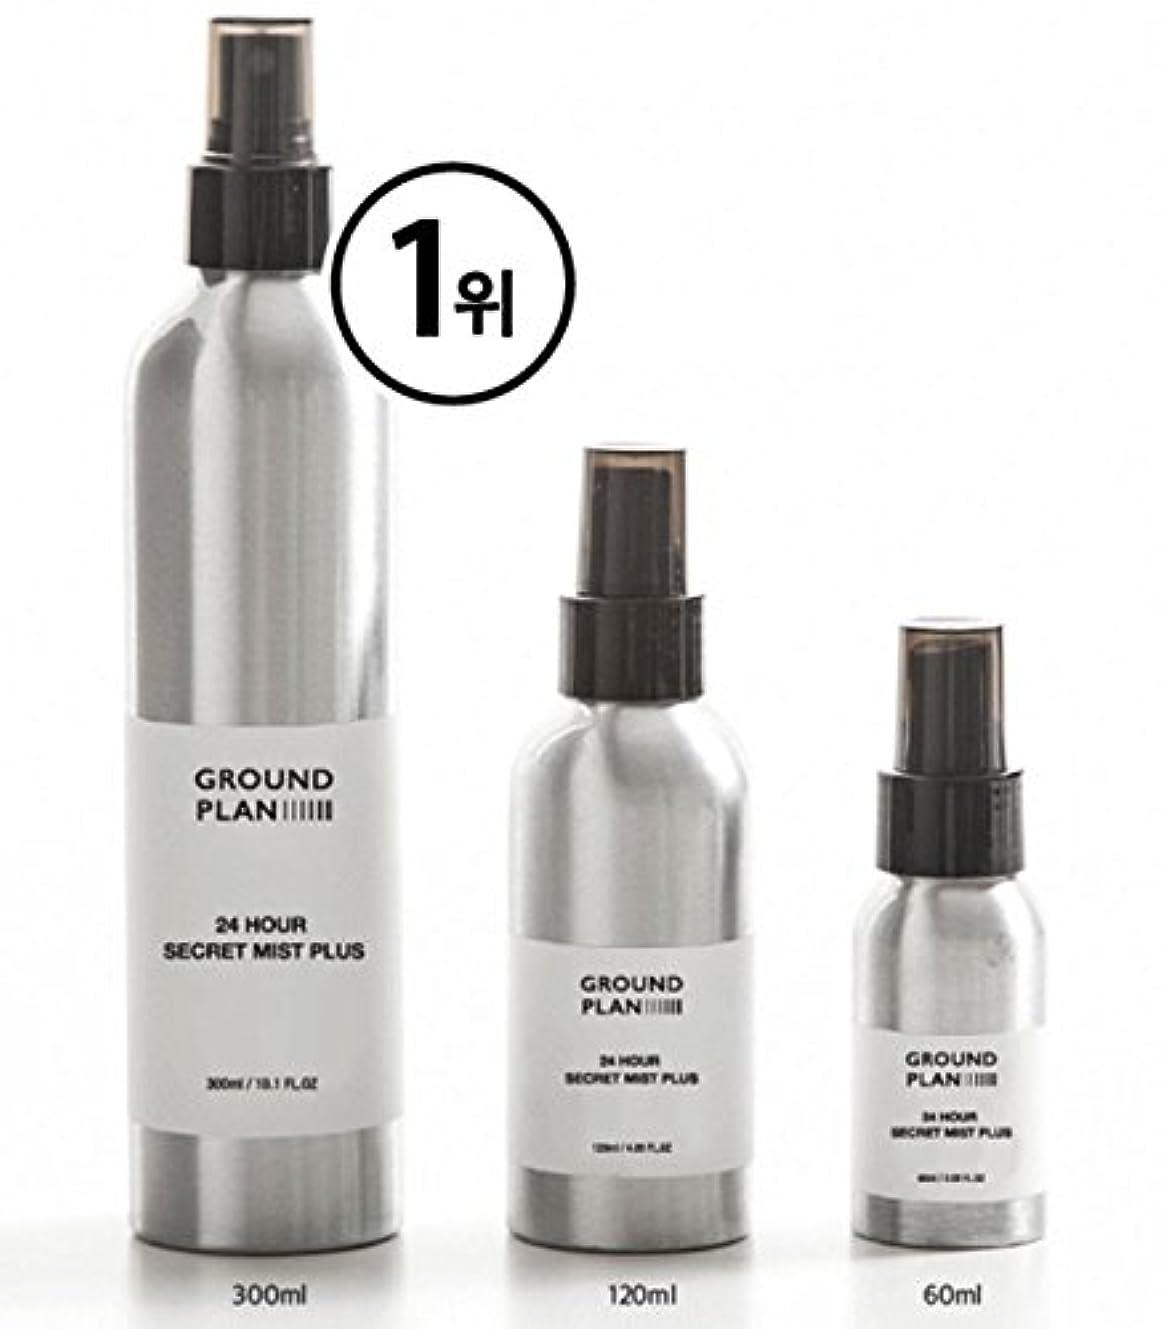 クローゼットシェード知覚できる[グラウンド?プラン] 24Hour 秘密 スキンミスト Plus (120ml) (300ml) Ground plan 24 Hour Secret Skin Mist Plus [海外直送品] (120ml)